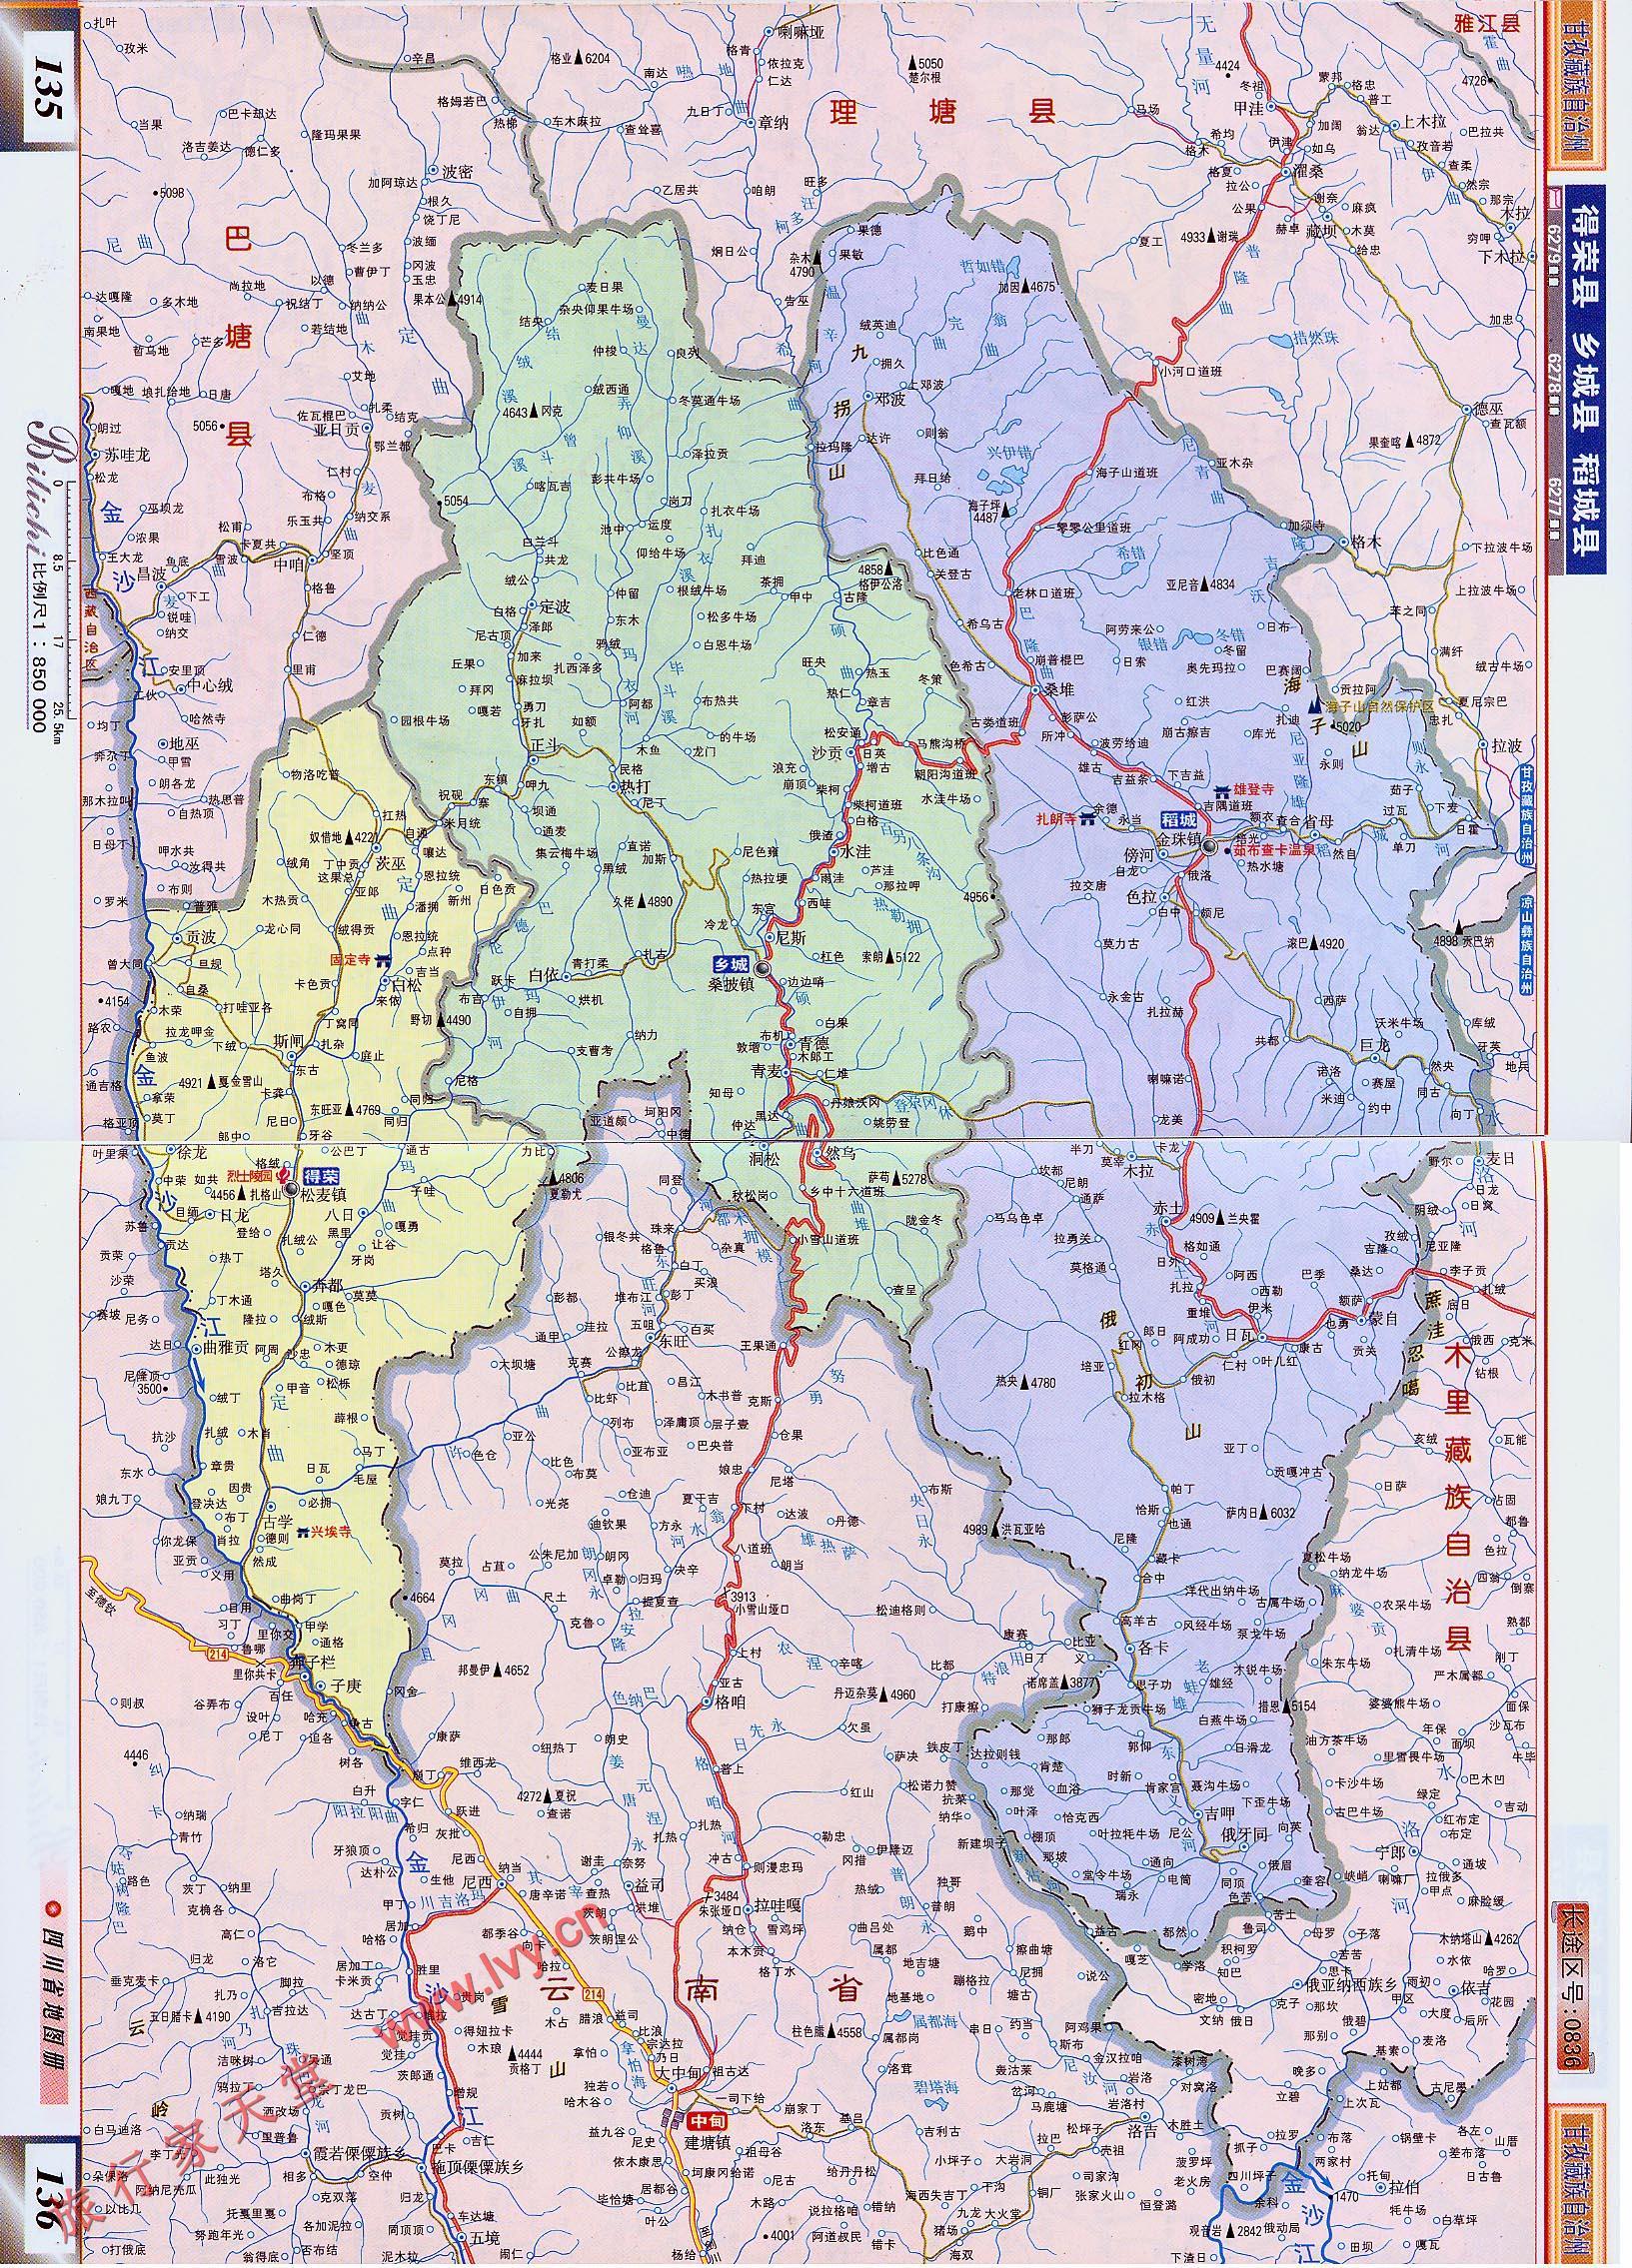 稻城、得荣、乡城公路交通地图